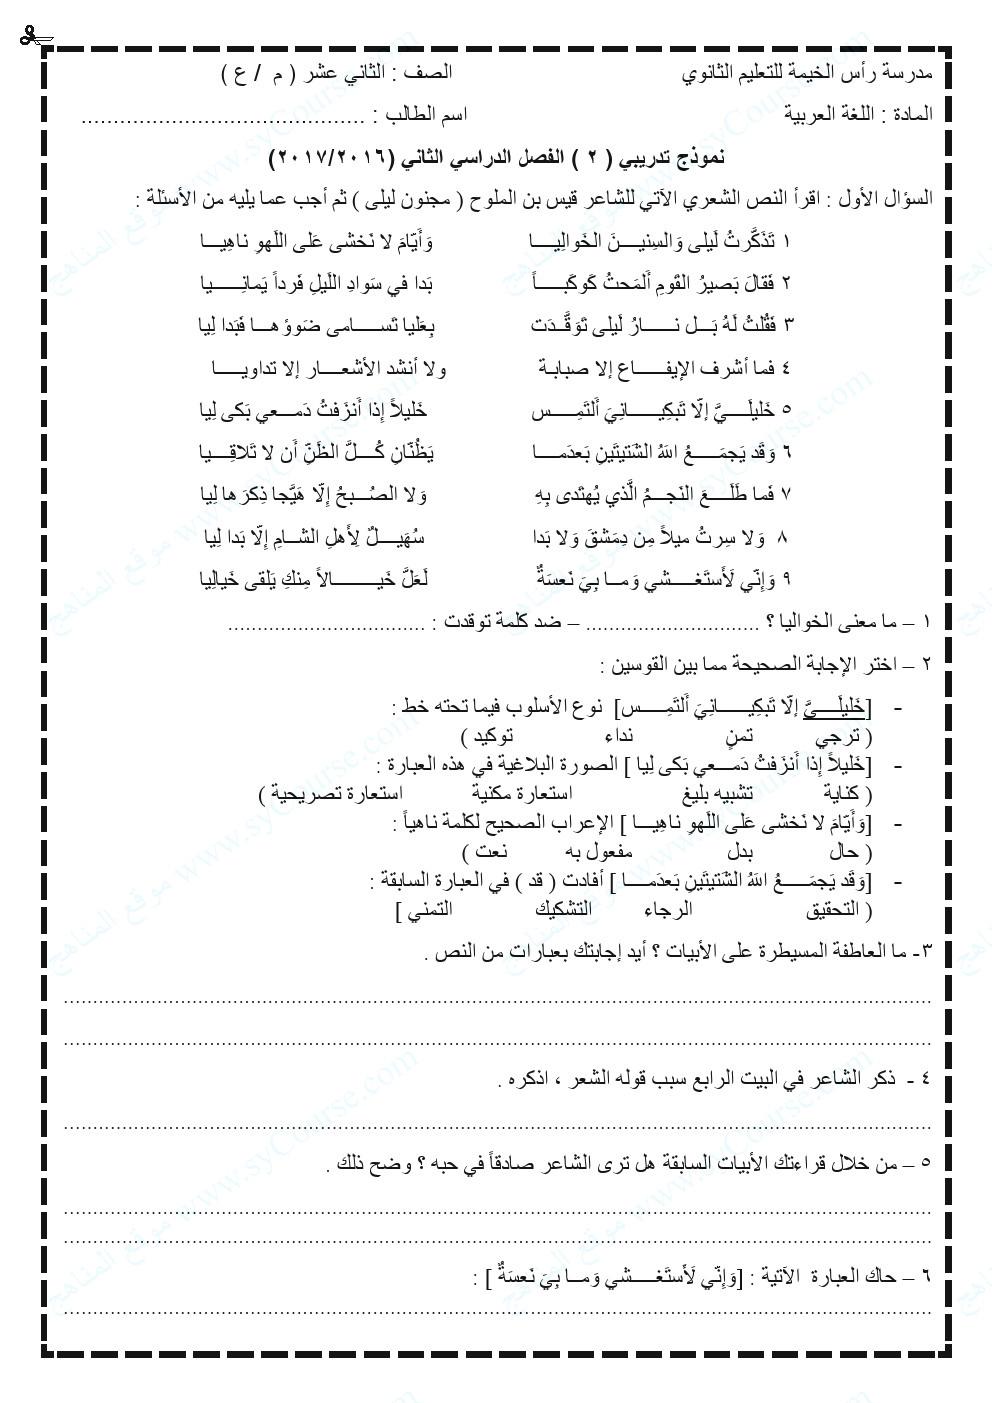 اختبار ثاني في اللغه العربيه للصف الثاني عشر الفصل الأول 2019